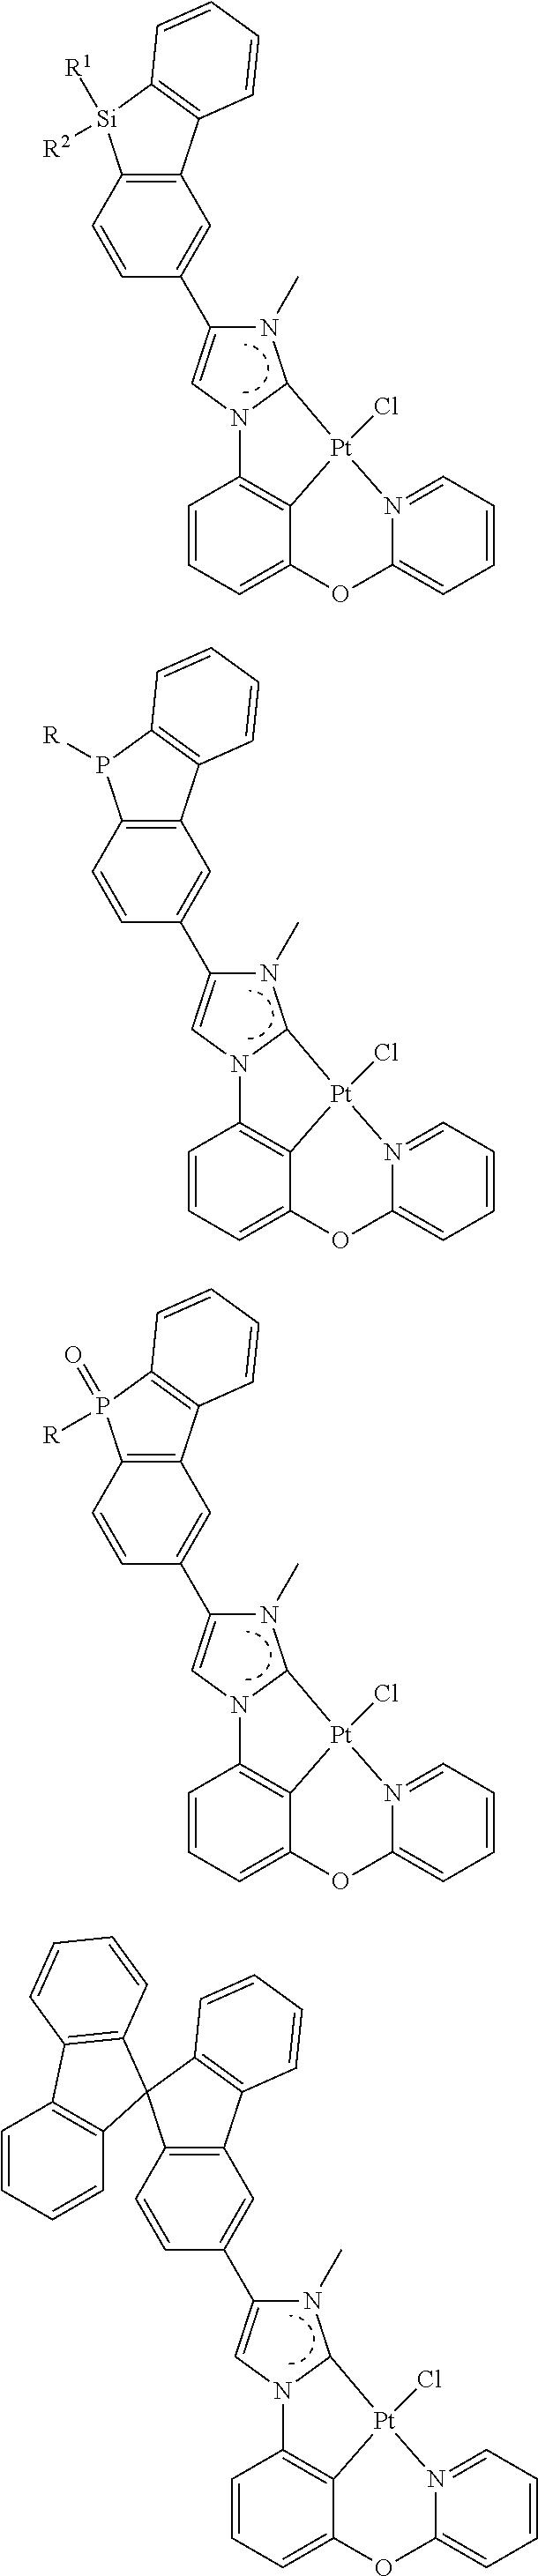 Figure US09818959-20171114-C00519